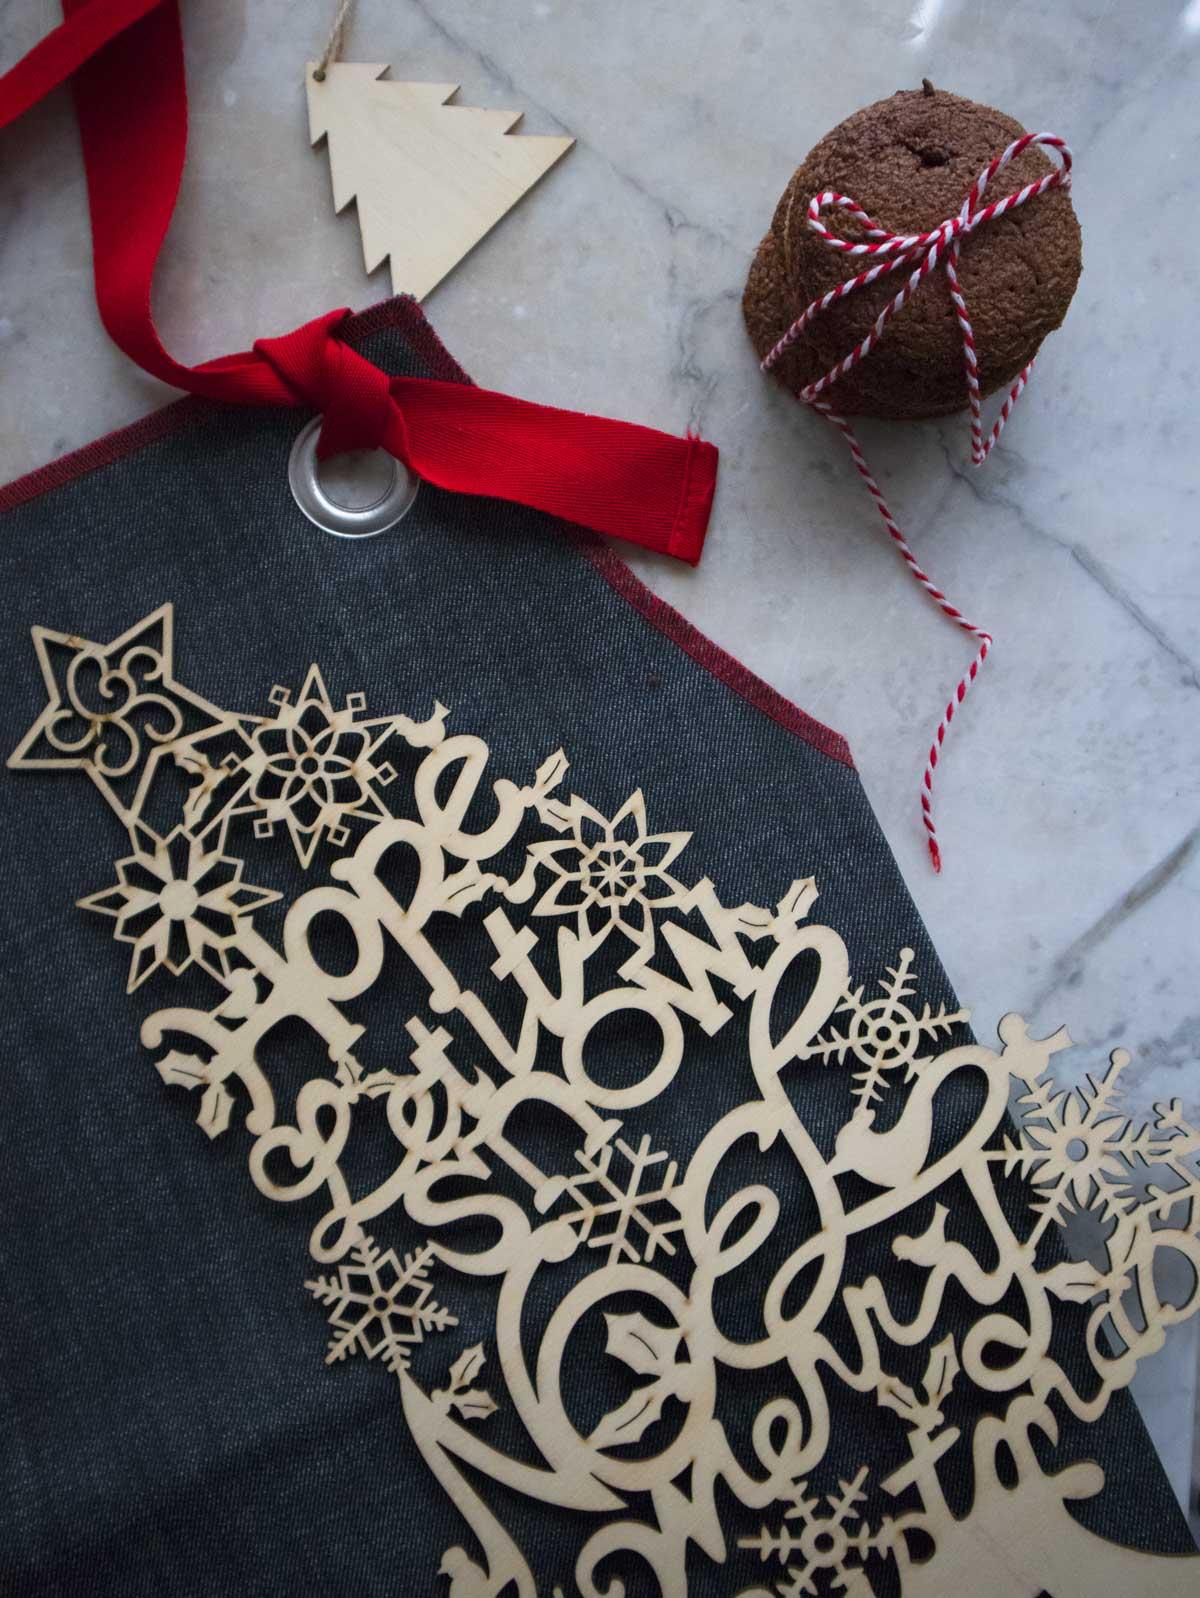 Biscotti di Natale - Biscotti al cioccolato